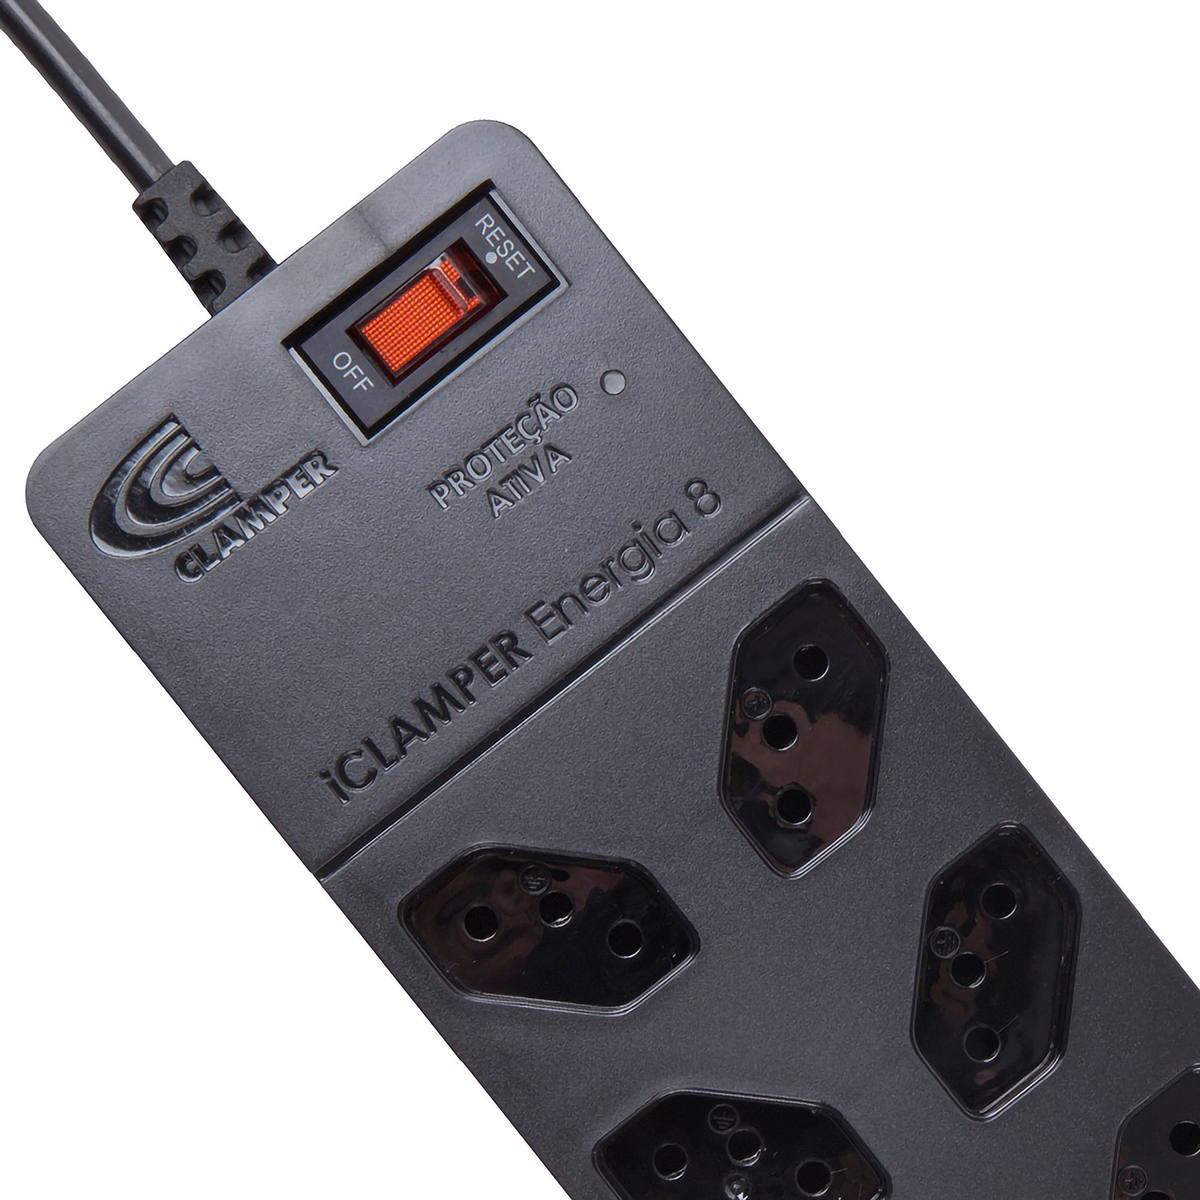 DPS Clamper + Filtro de Linha Bivolt 8 Tomadas 10A Proteção Robusta contra Surtos Elétricos iClamper Energia 8 Preto